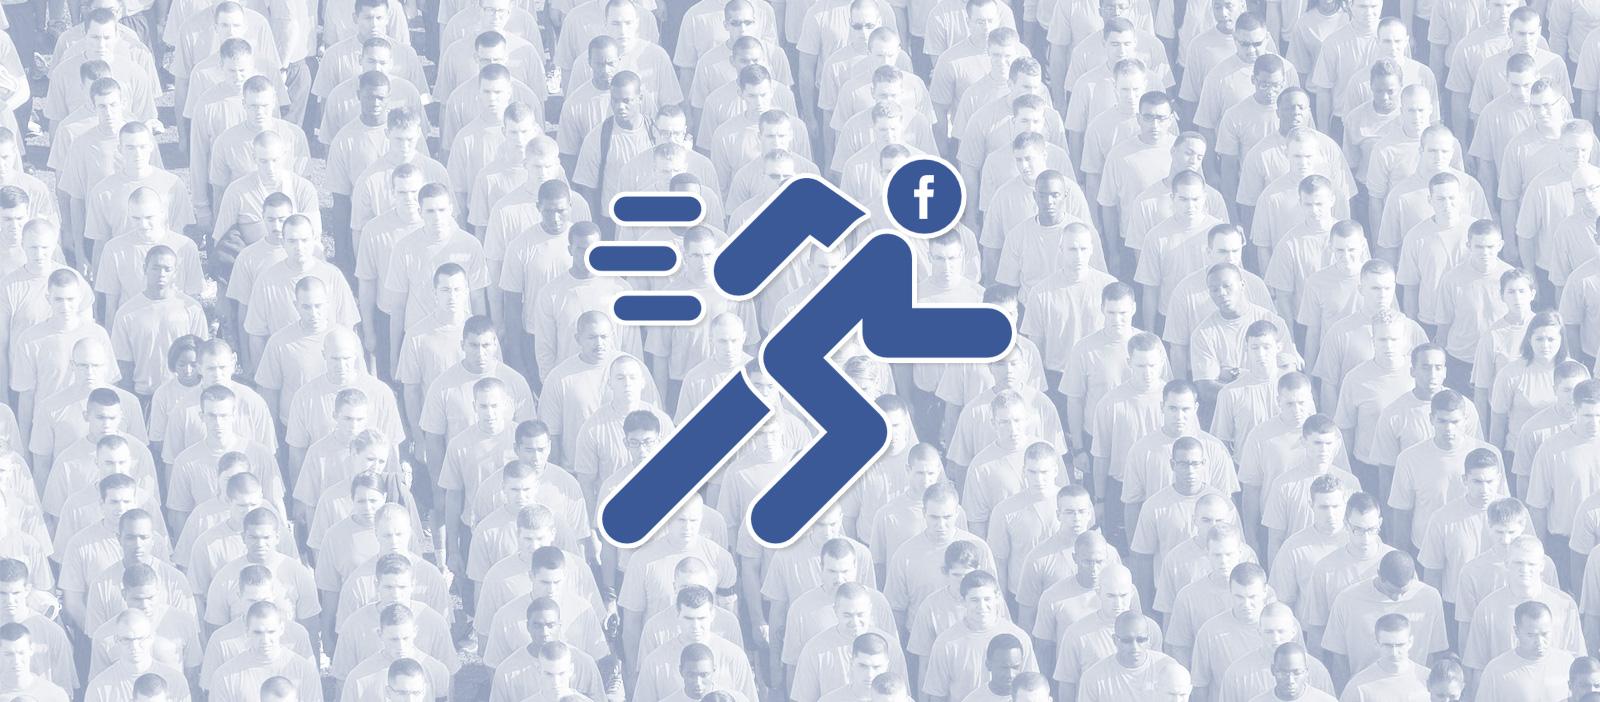 Aumenta le prestazioni della tua campagna Facebook con il pubblico simile